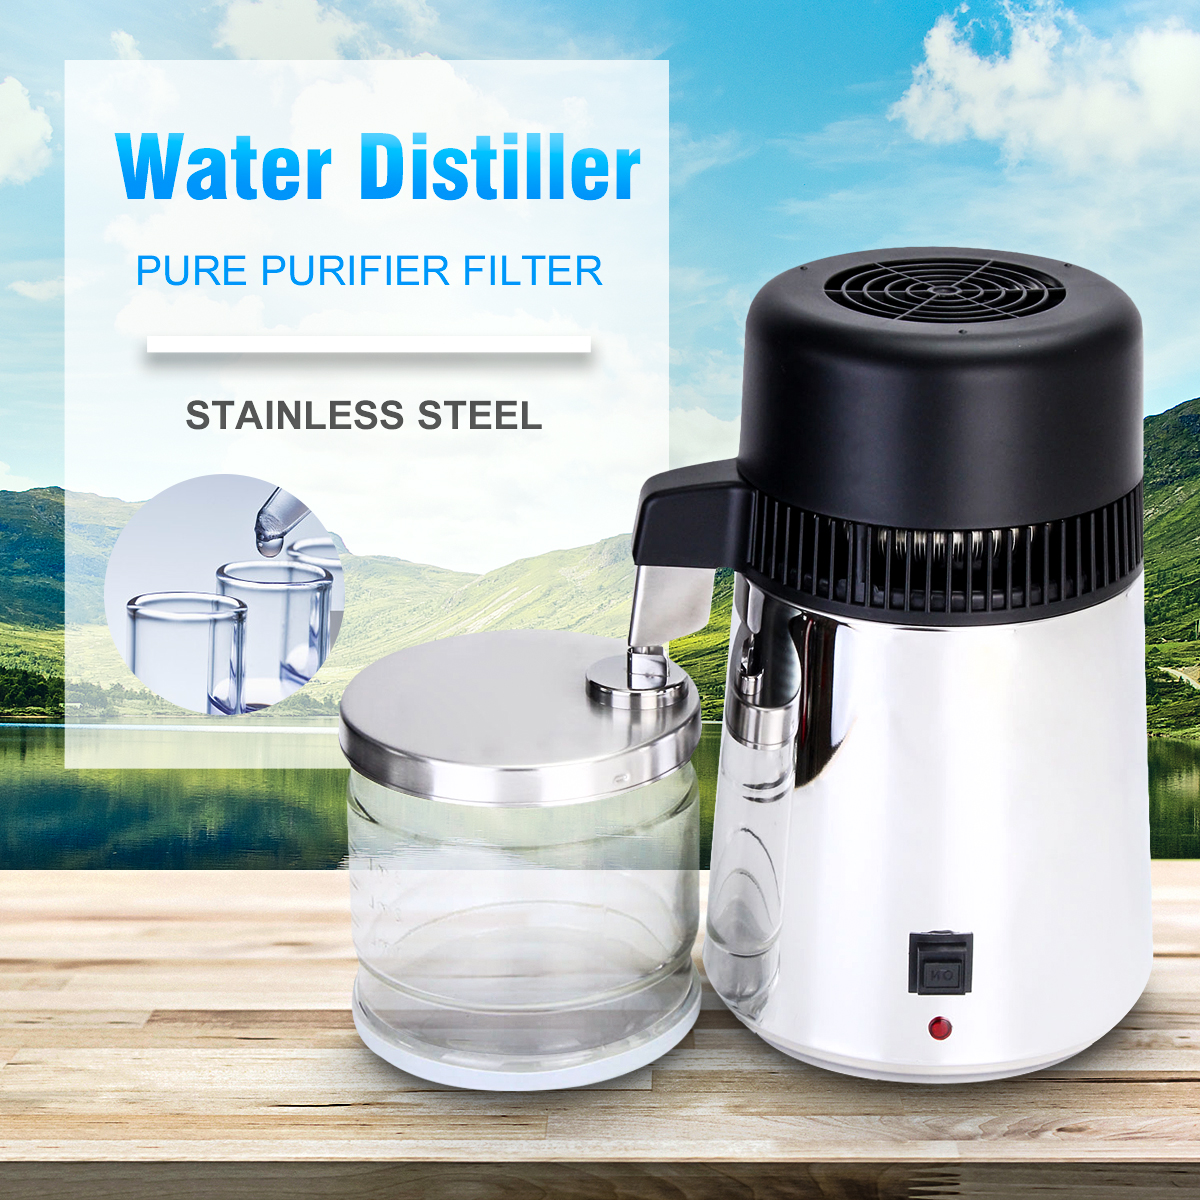 750 w 4L Capacidade Pure Destilador de Água Purificador de 304 Contentores De Aço Inoxidável Filtro de Água Destilada Dispositivo 220 v